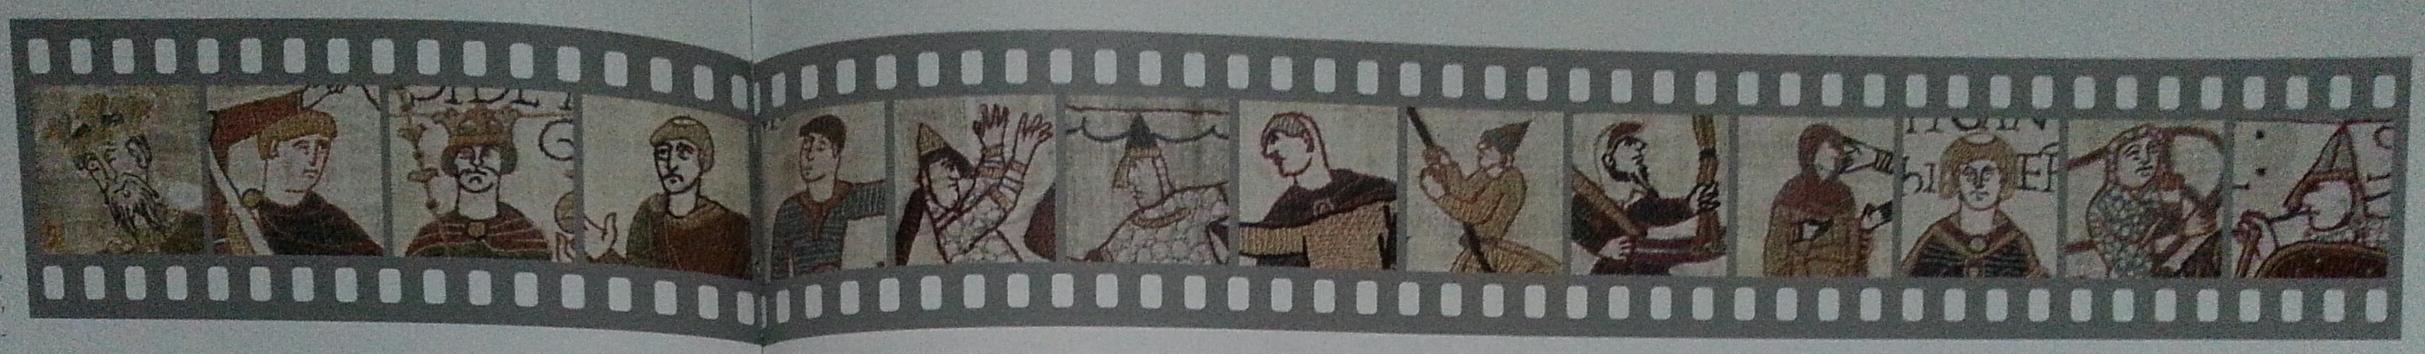 Illustration extraite de l'article La Tapisserie de Bayeux, un dessin qui s'anime sous nos yeux, par Sylvette Lemagnen, in Emakimono et Tapisserie de Bayeux, dessins animés du Moyen Âge - lecture croisée de trésors nationaux japonais et français, op. cit., p. 80-81